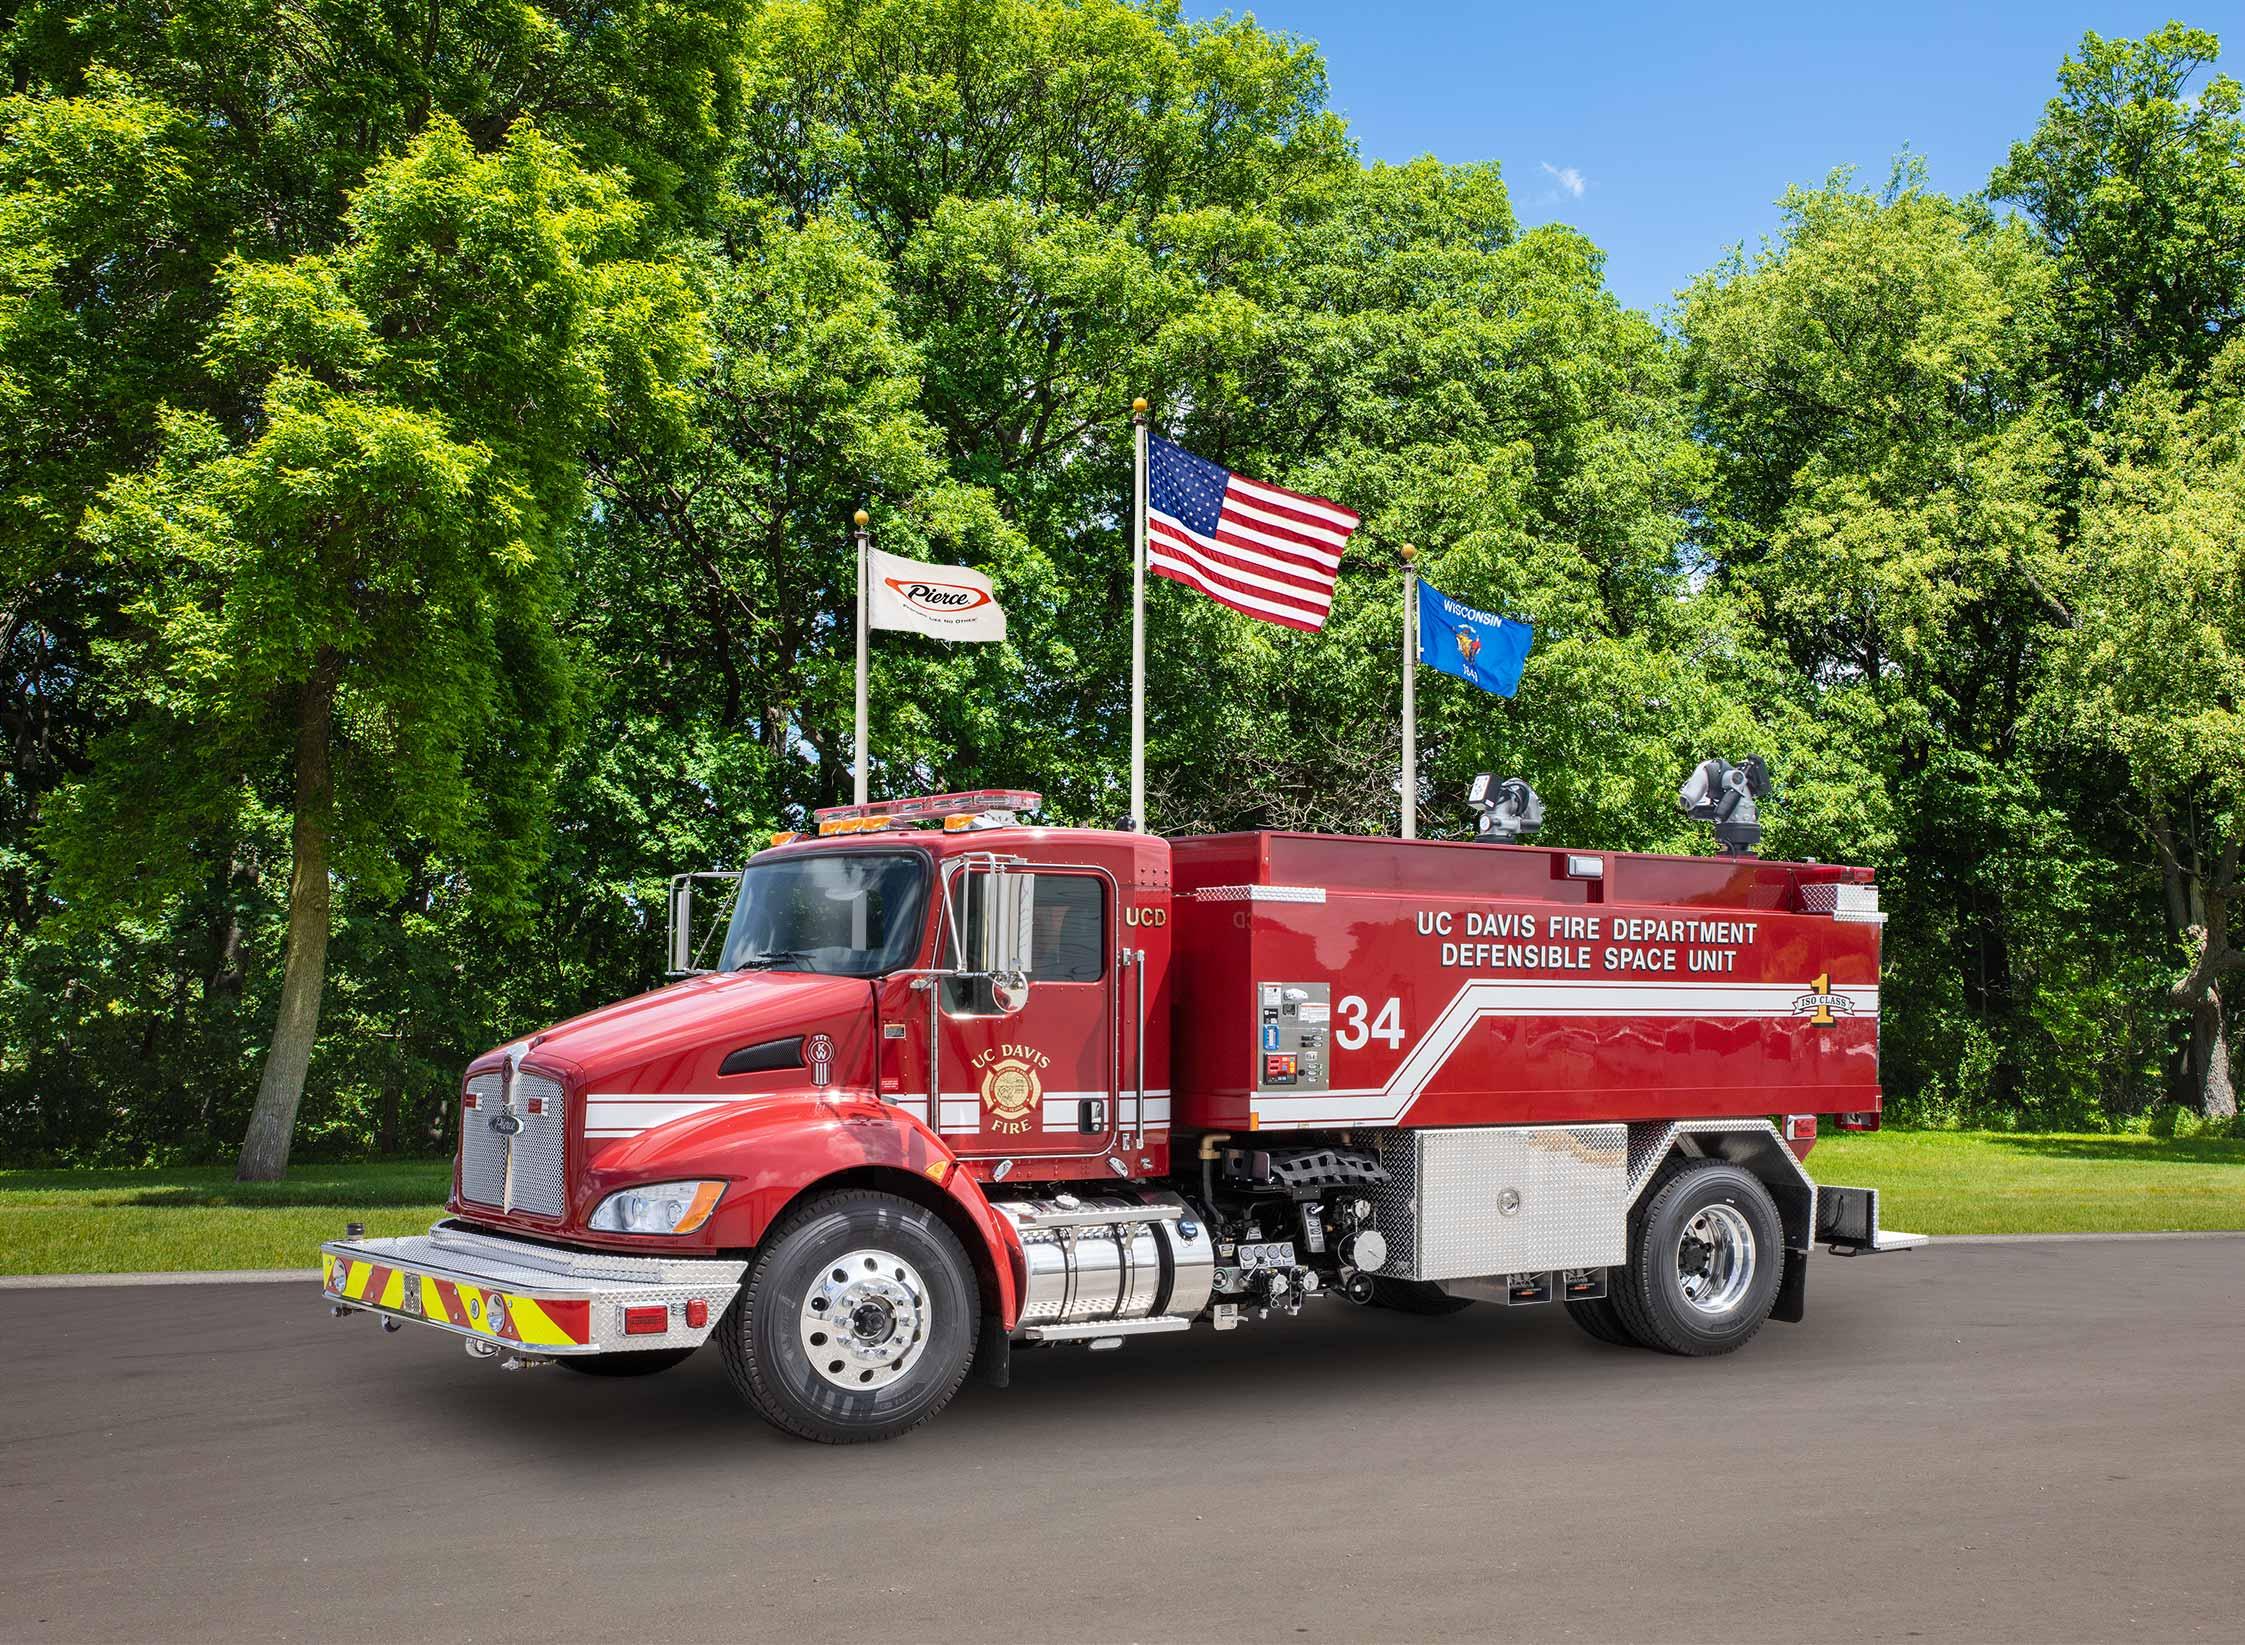 UC Davis Fire Department - Tanker